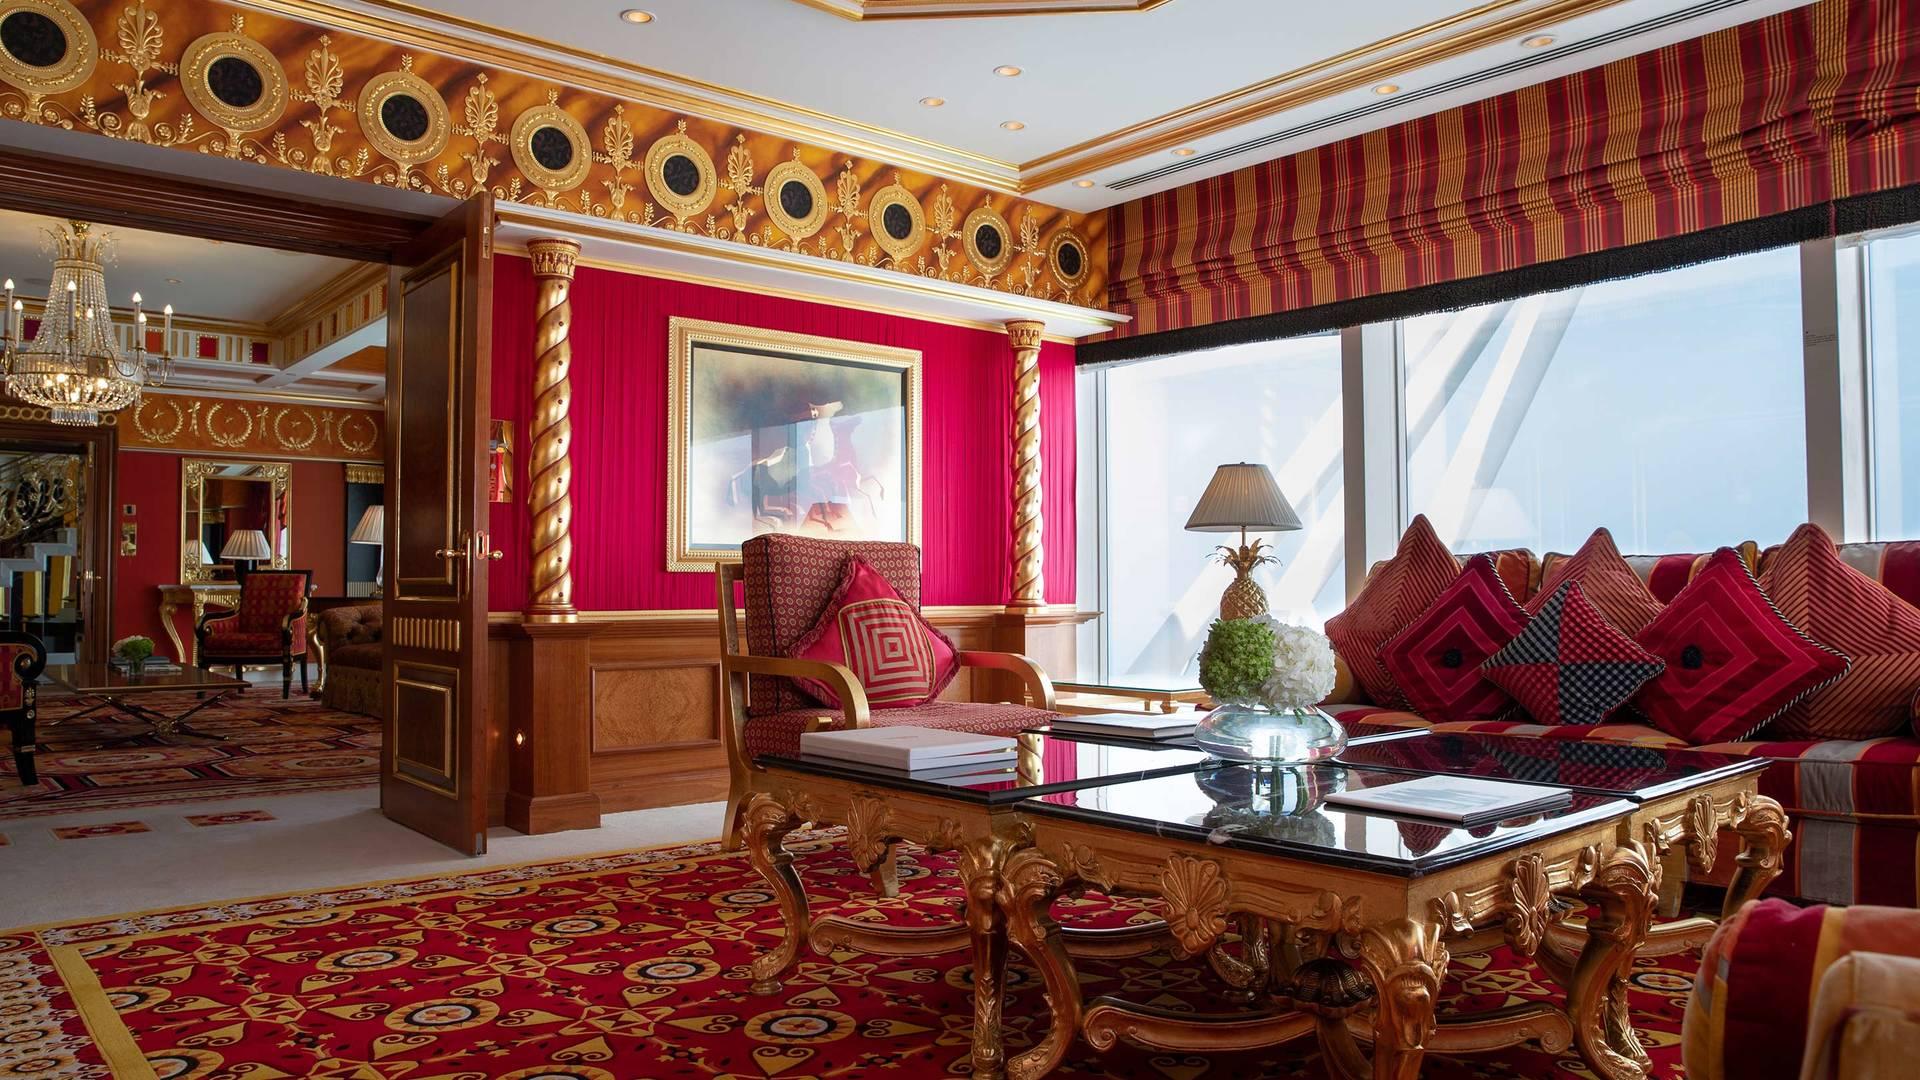 Jumeirah Burj Al Arab royal suite livingroom_16-9